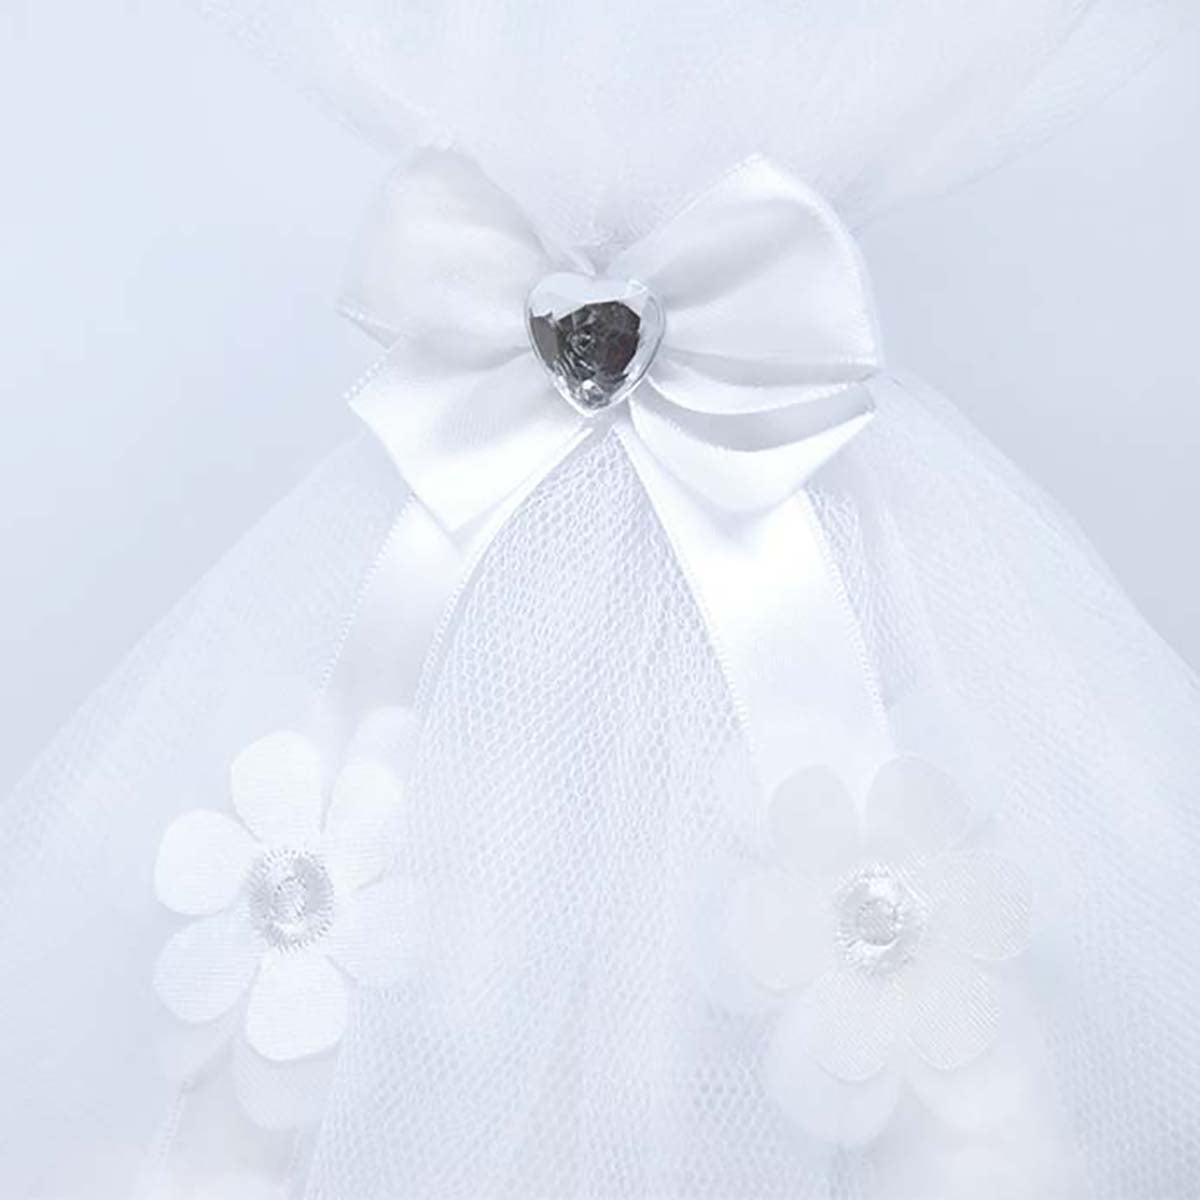 detalj bijele svijeće za krštenje Diamond daisy